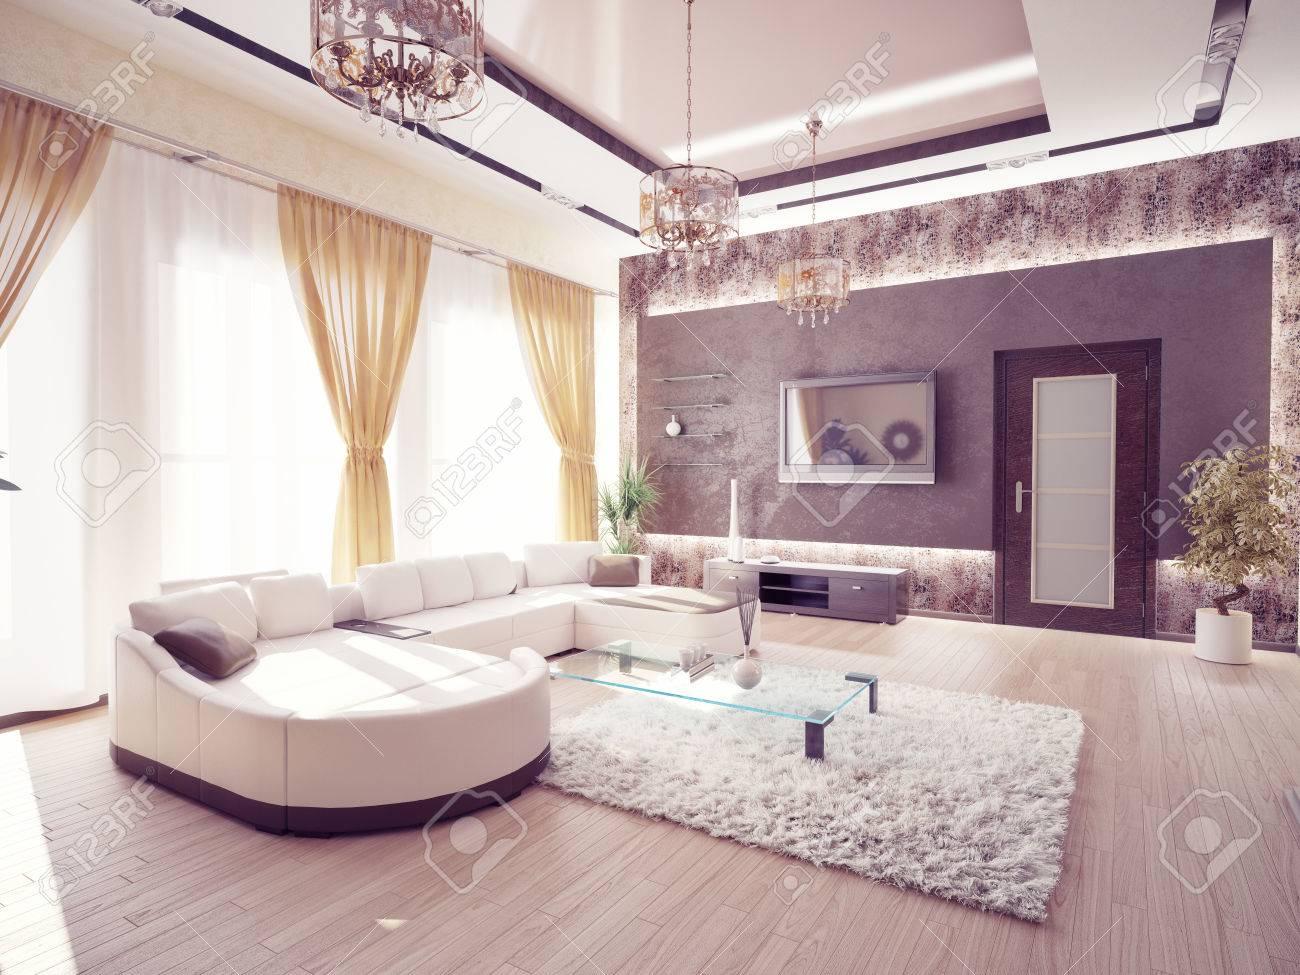 Moderne wohnzimmer interior design lizenzfreie fotos, bilder und ...